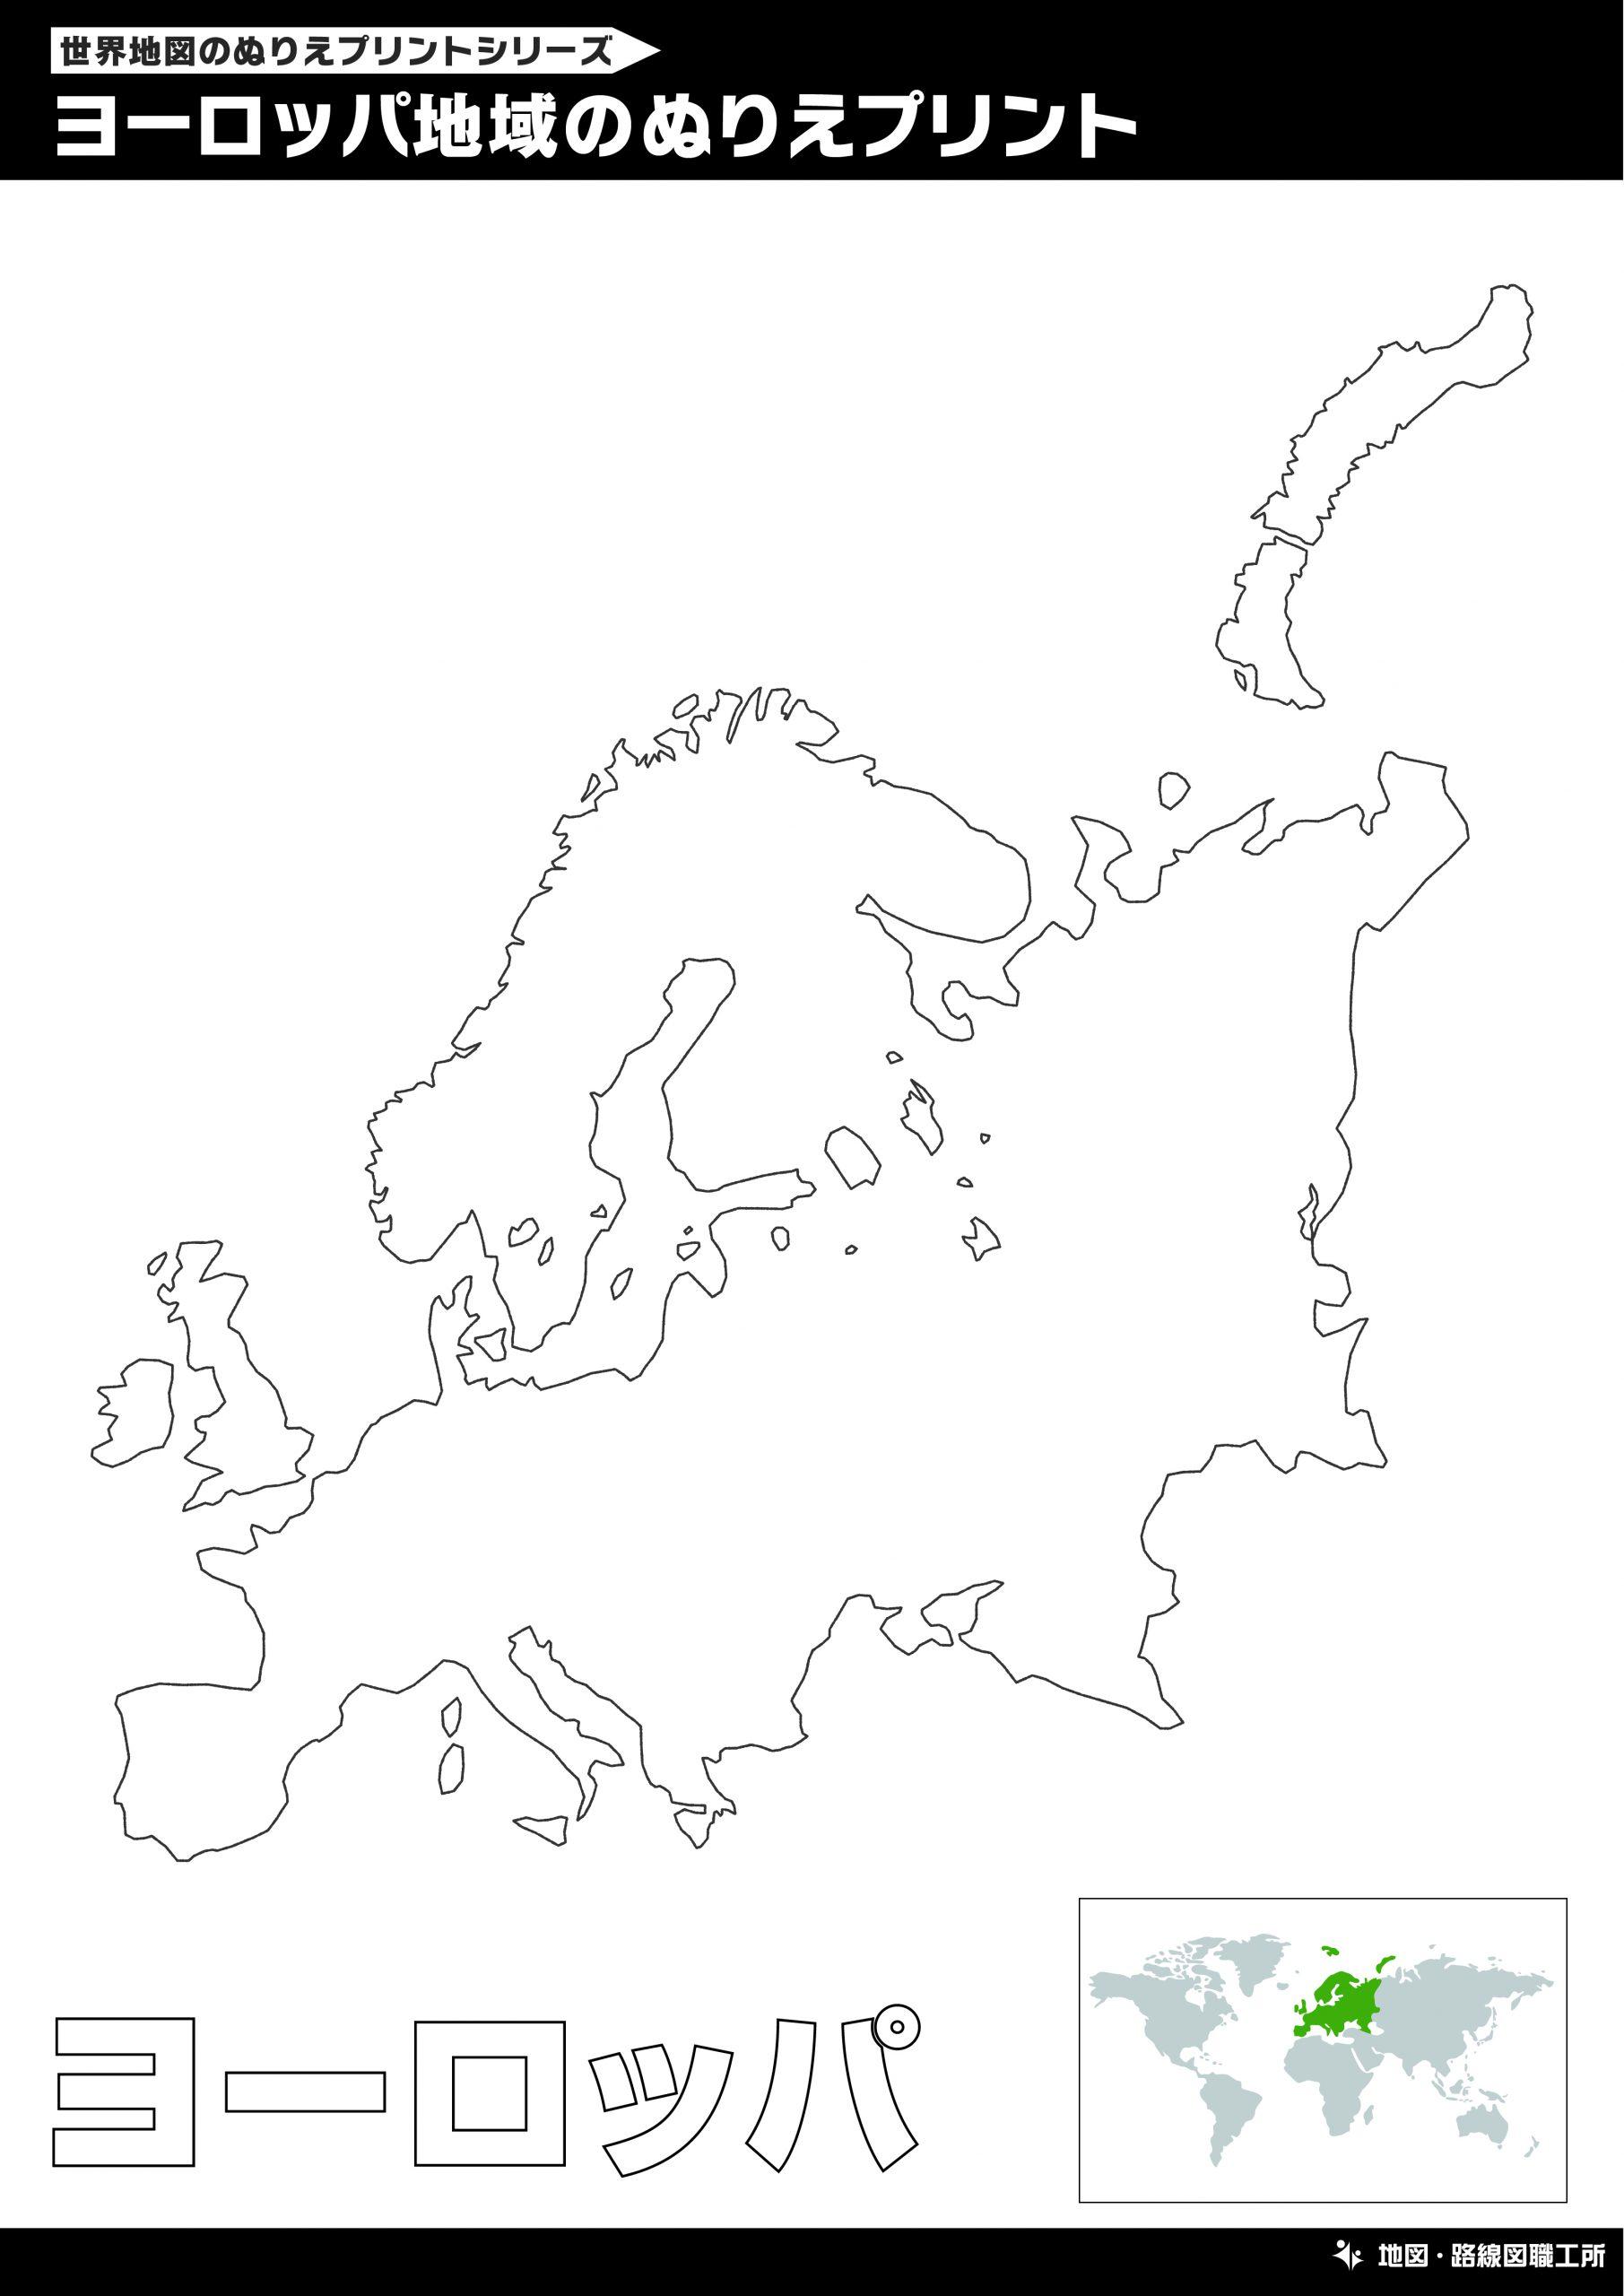 ヨーロッパ地図のぬりえ